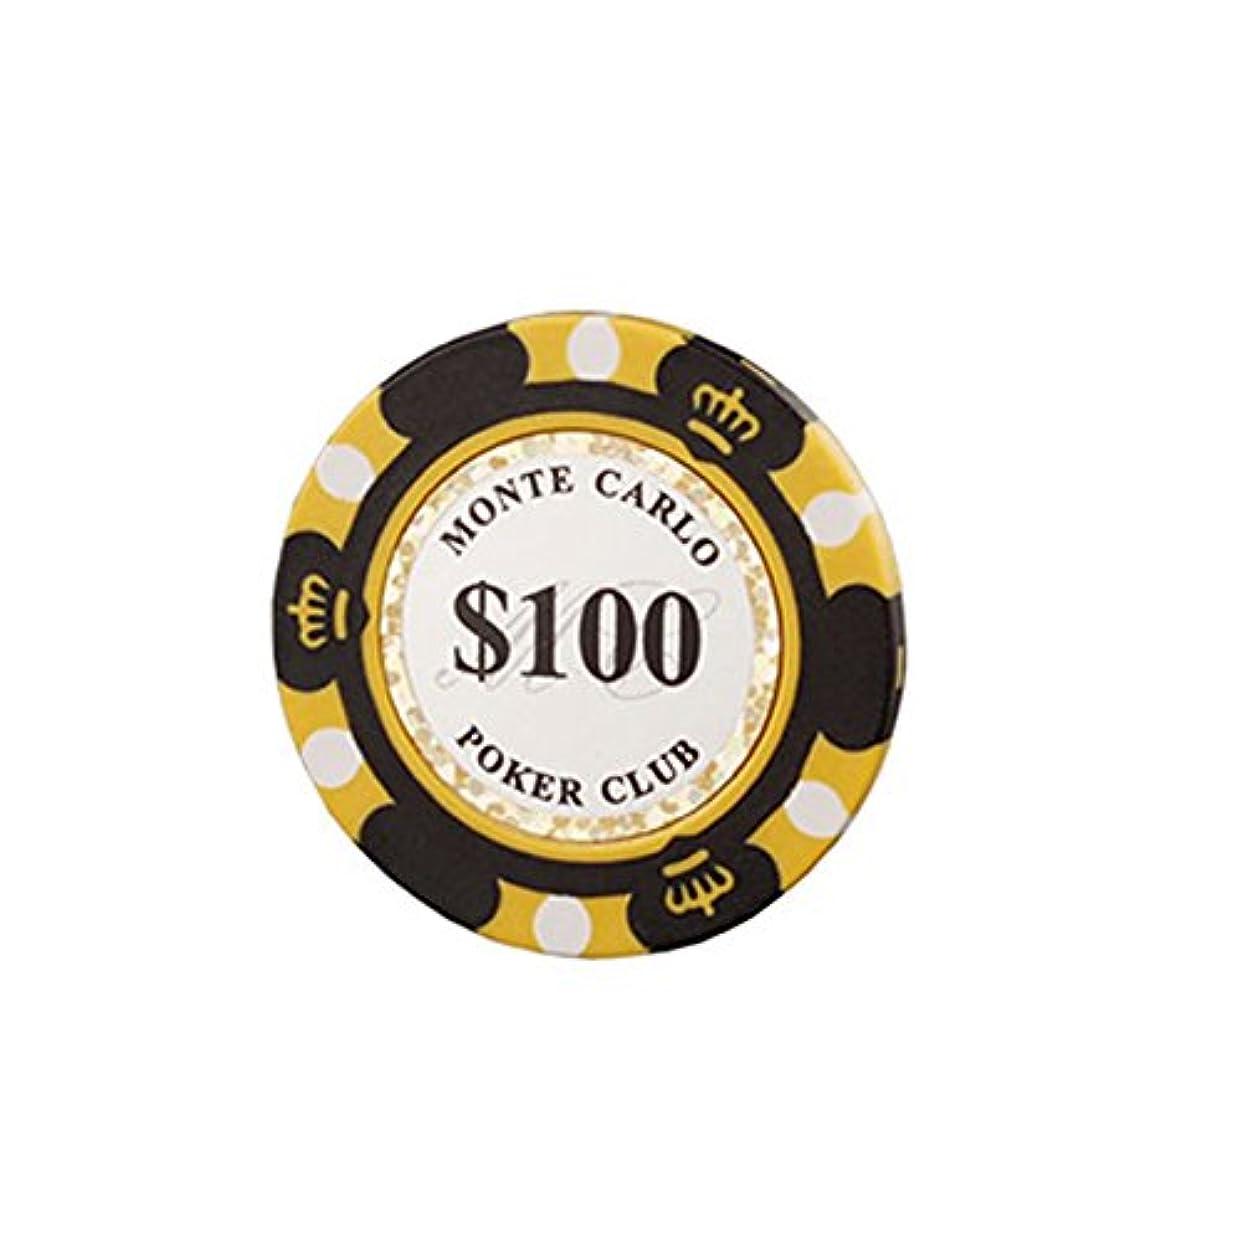 窒素ベストオピエートモンテカルロ 14g カジノ ポーカーチップ ラウンド用品 10枚セット